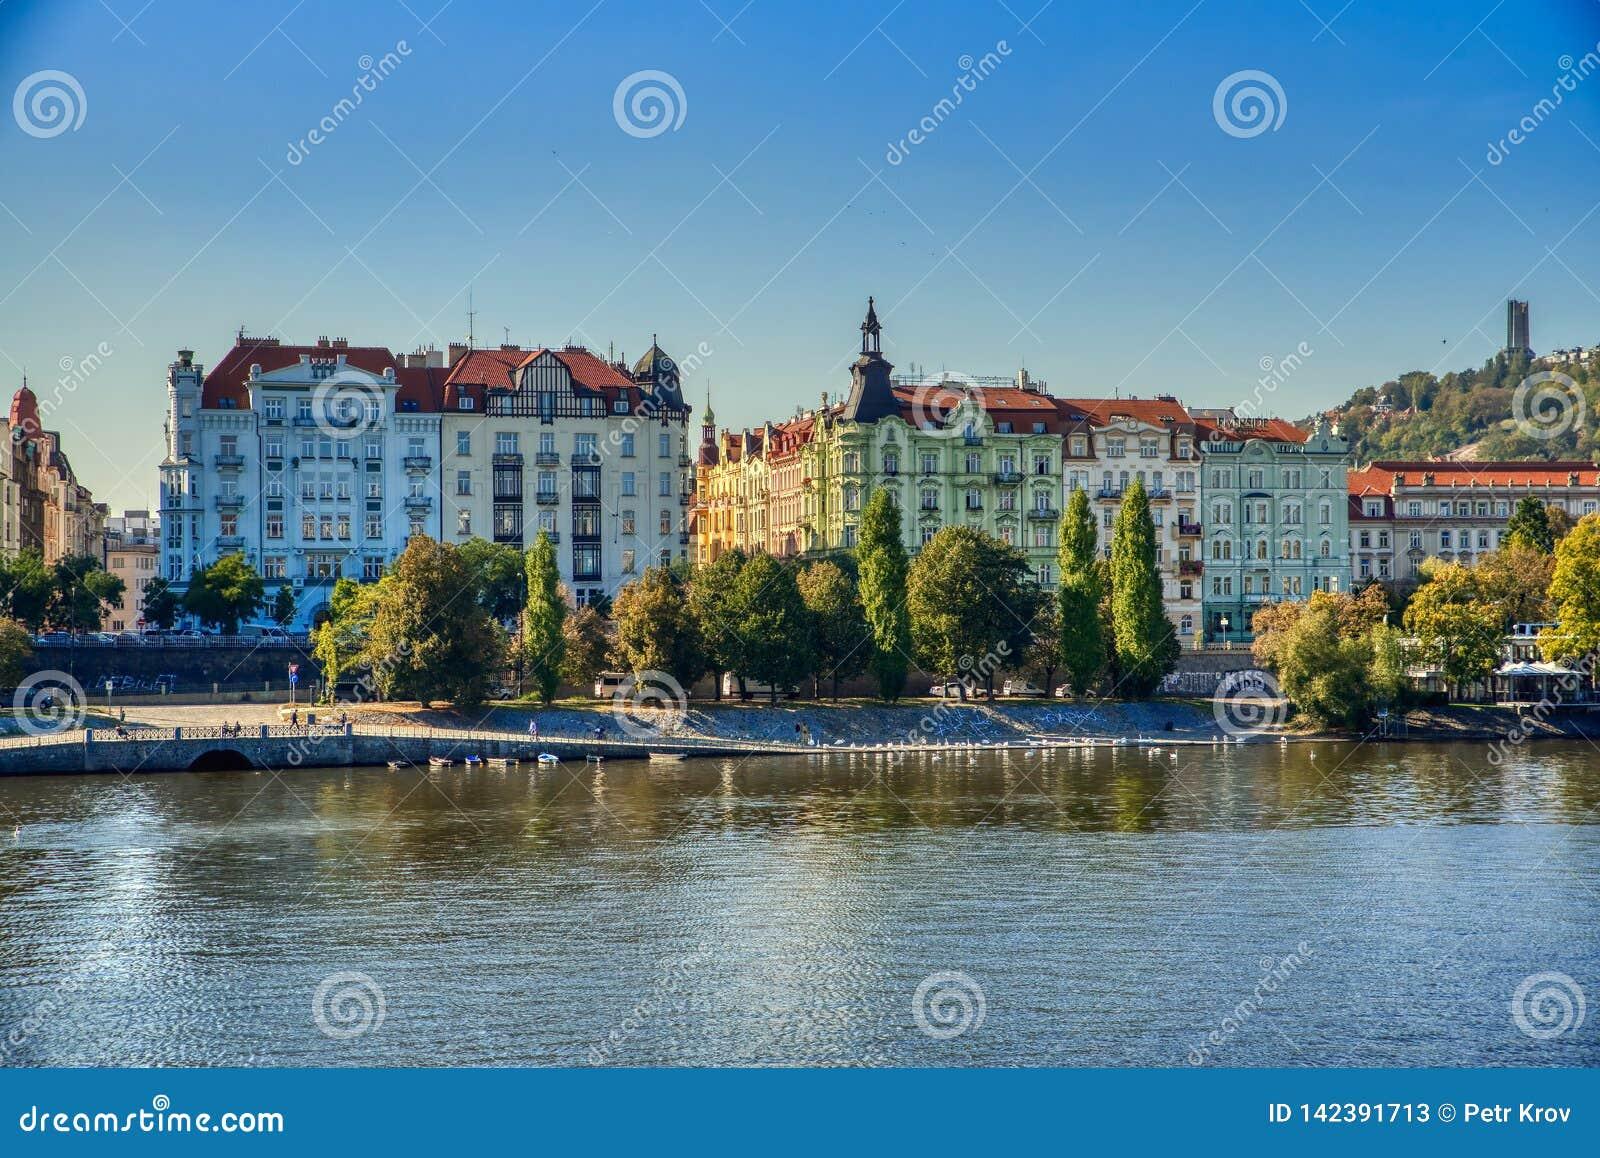 Prag-, Moldau-Fluss und alte Architektur